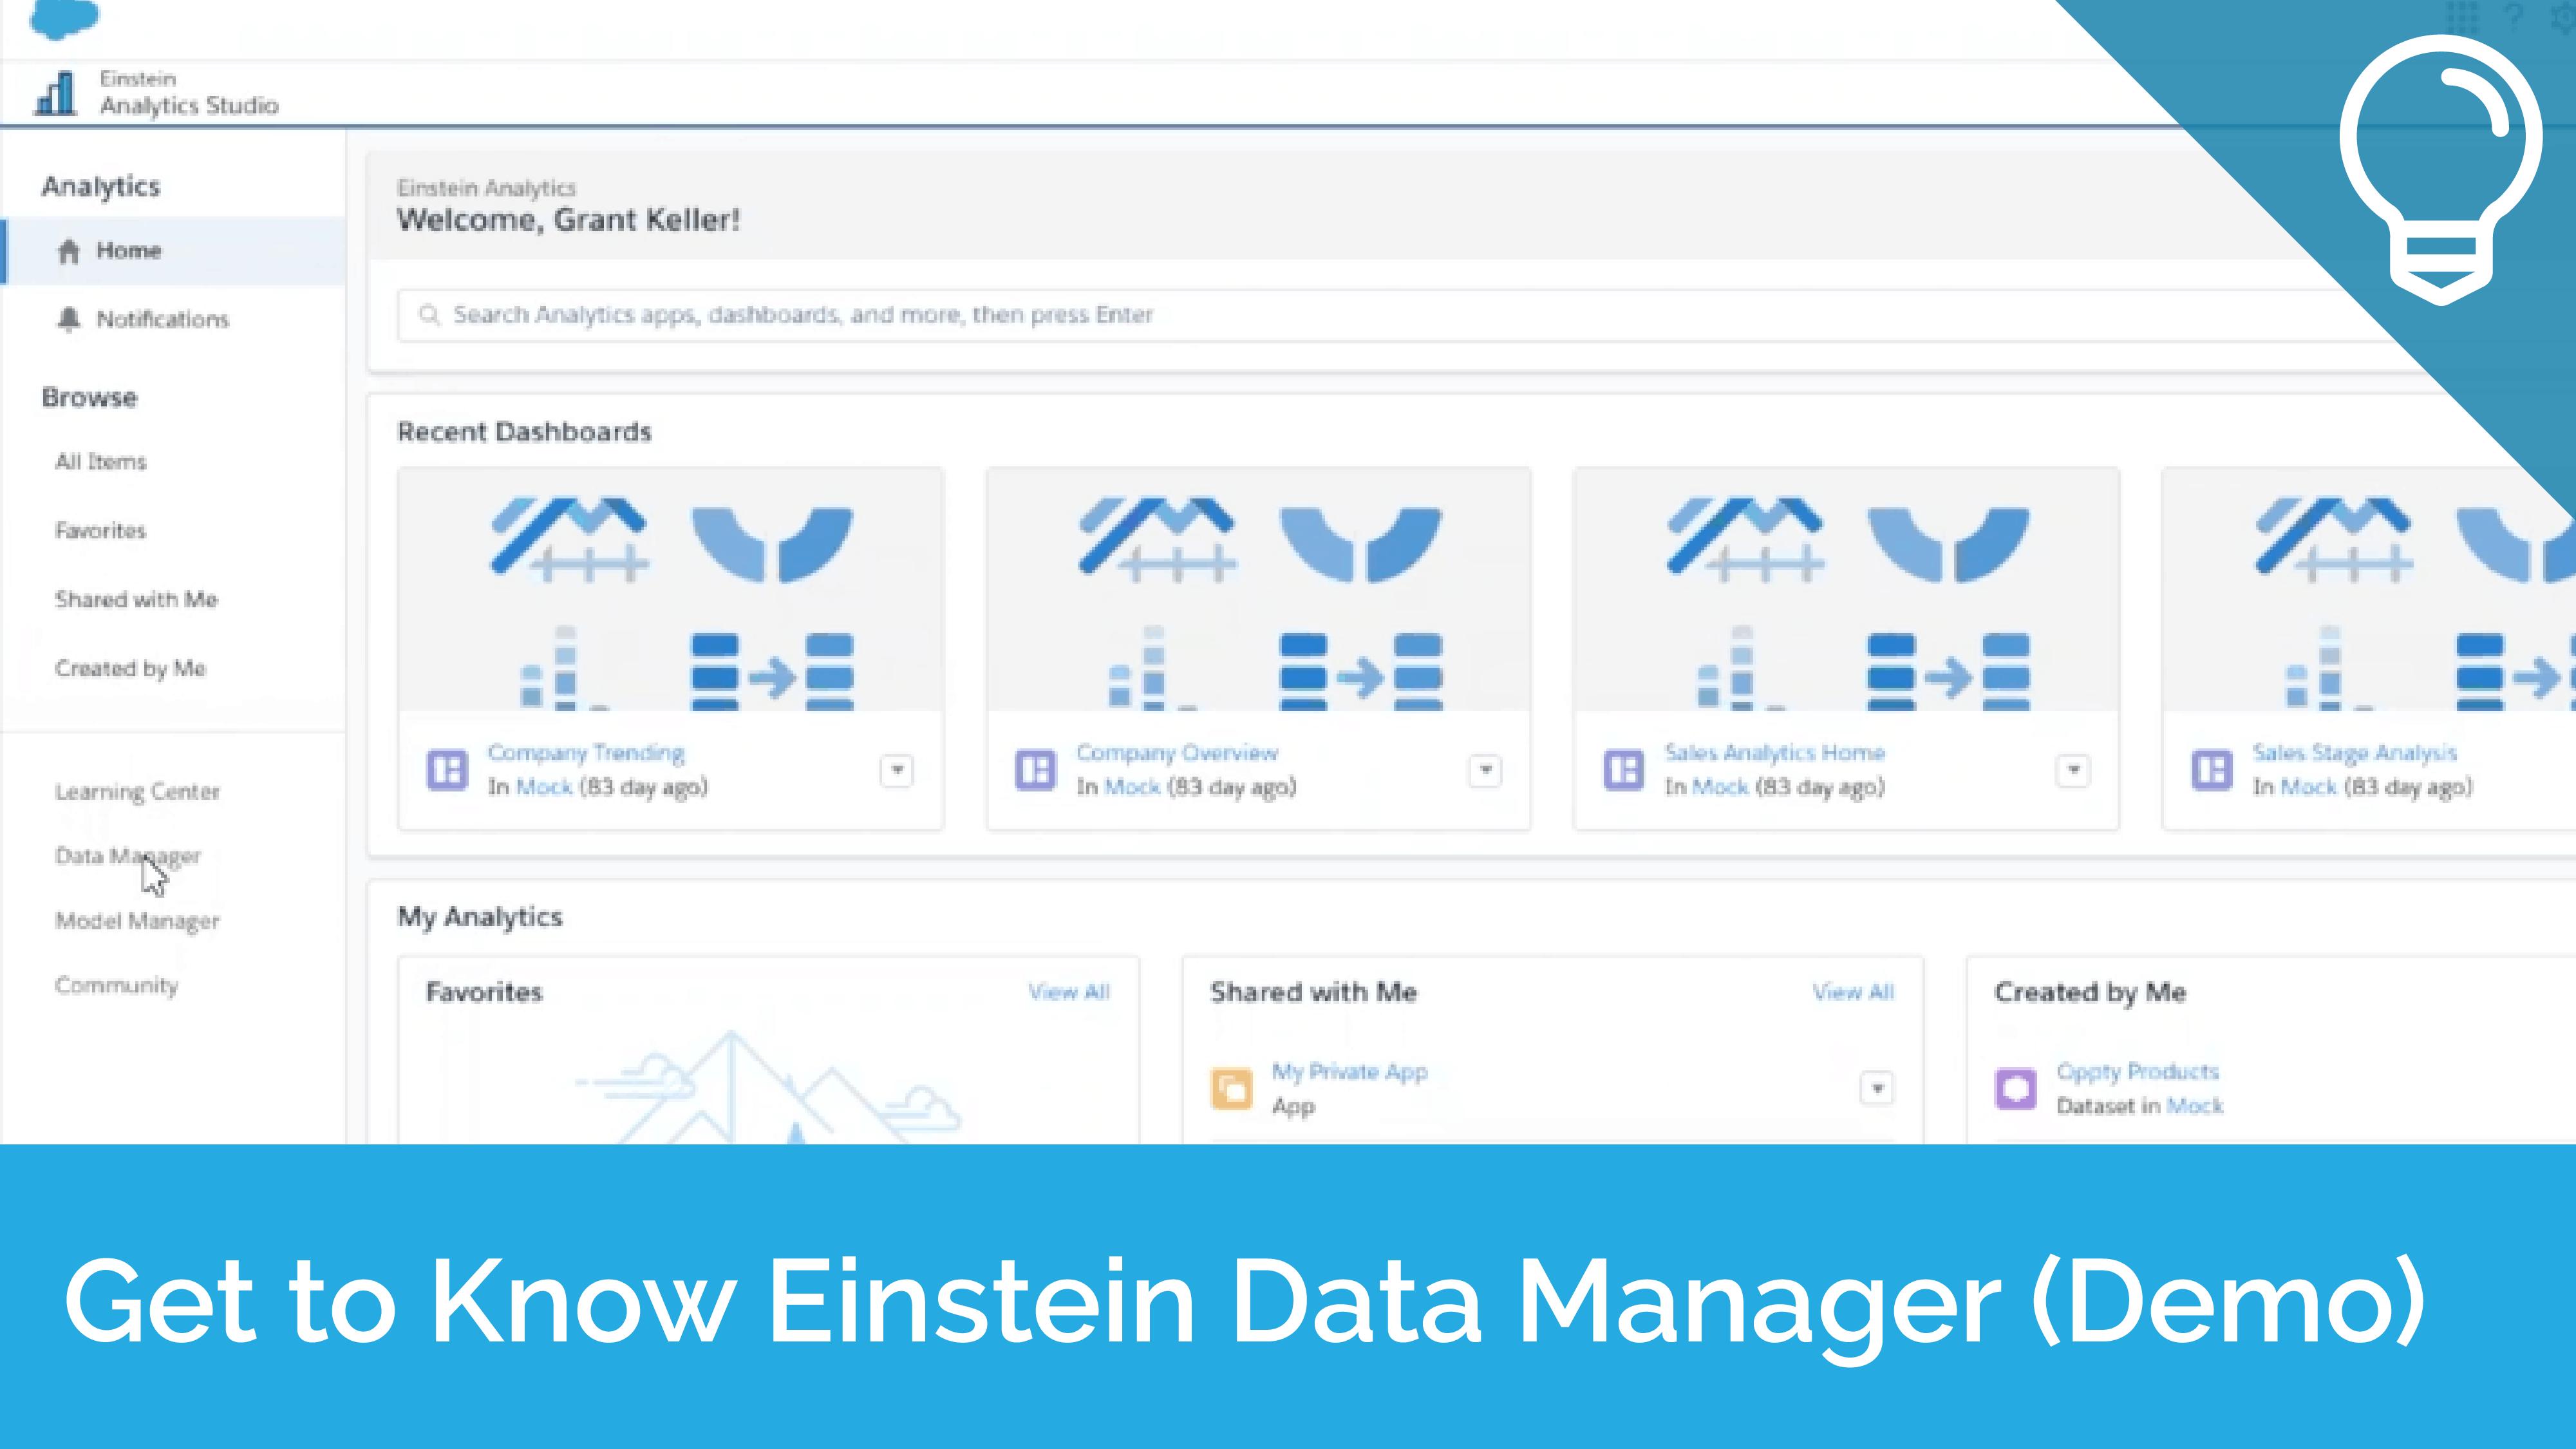 Get to Know Einstein Data Manager - Demo - Tip